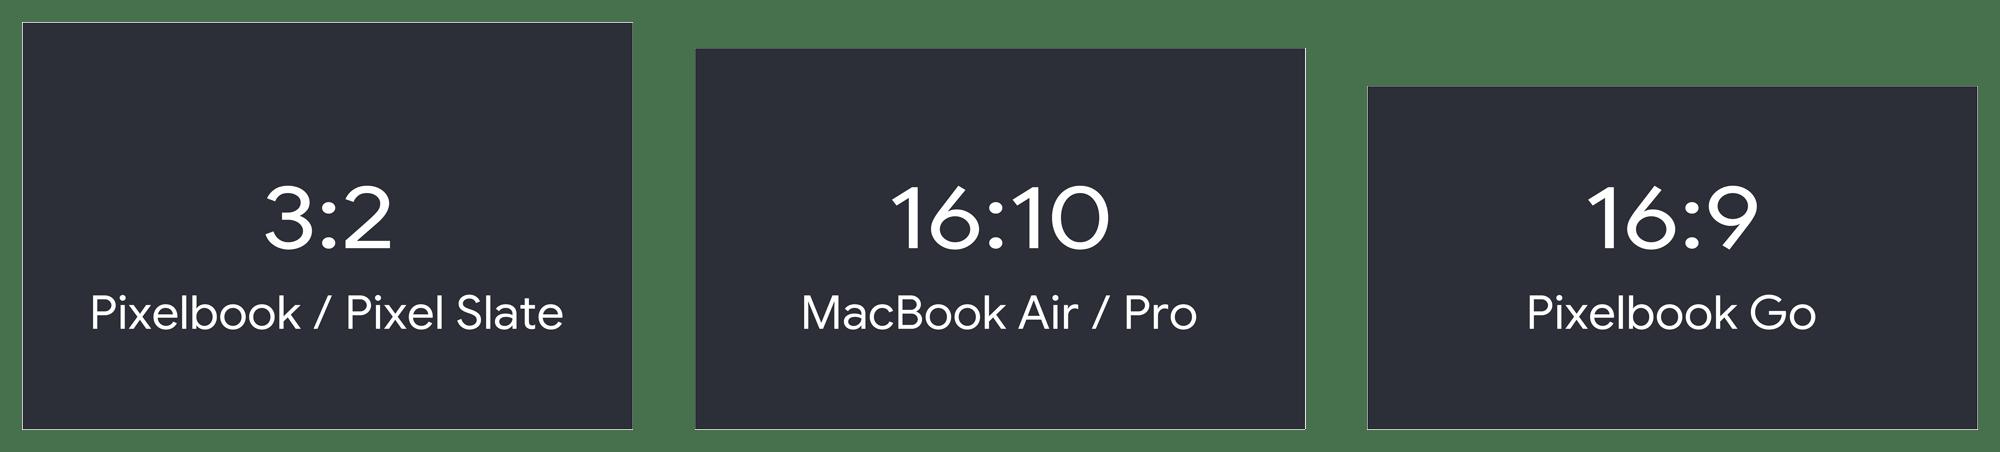 Pixelbook / Pixel Slate / MacBook / Pixelbook Go アスペクト比率